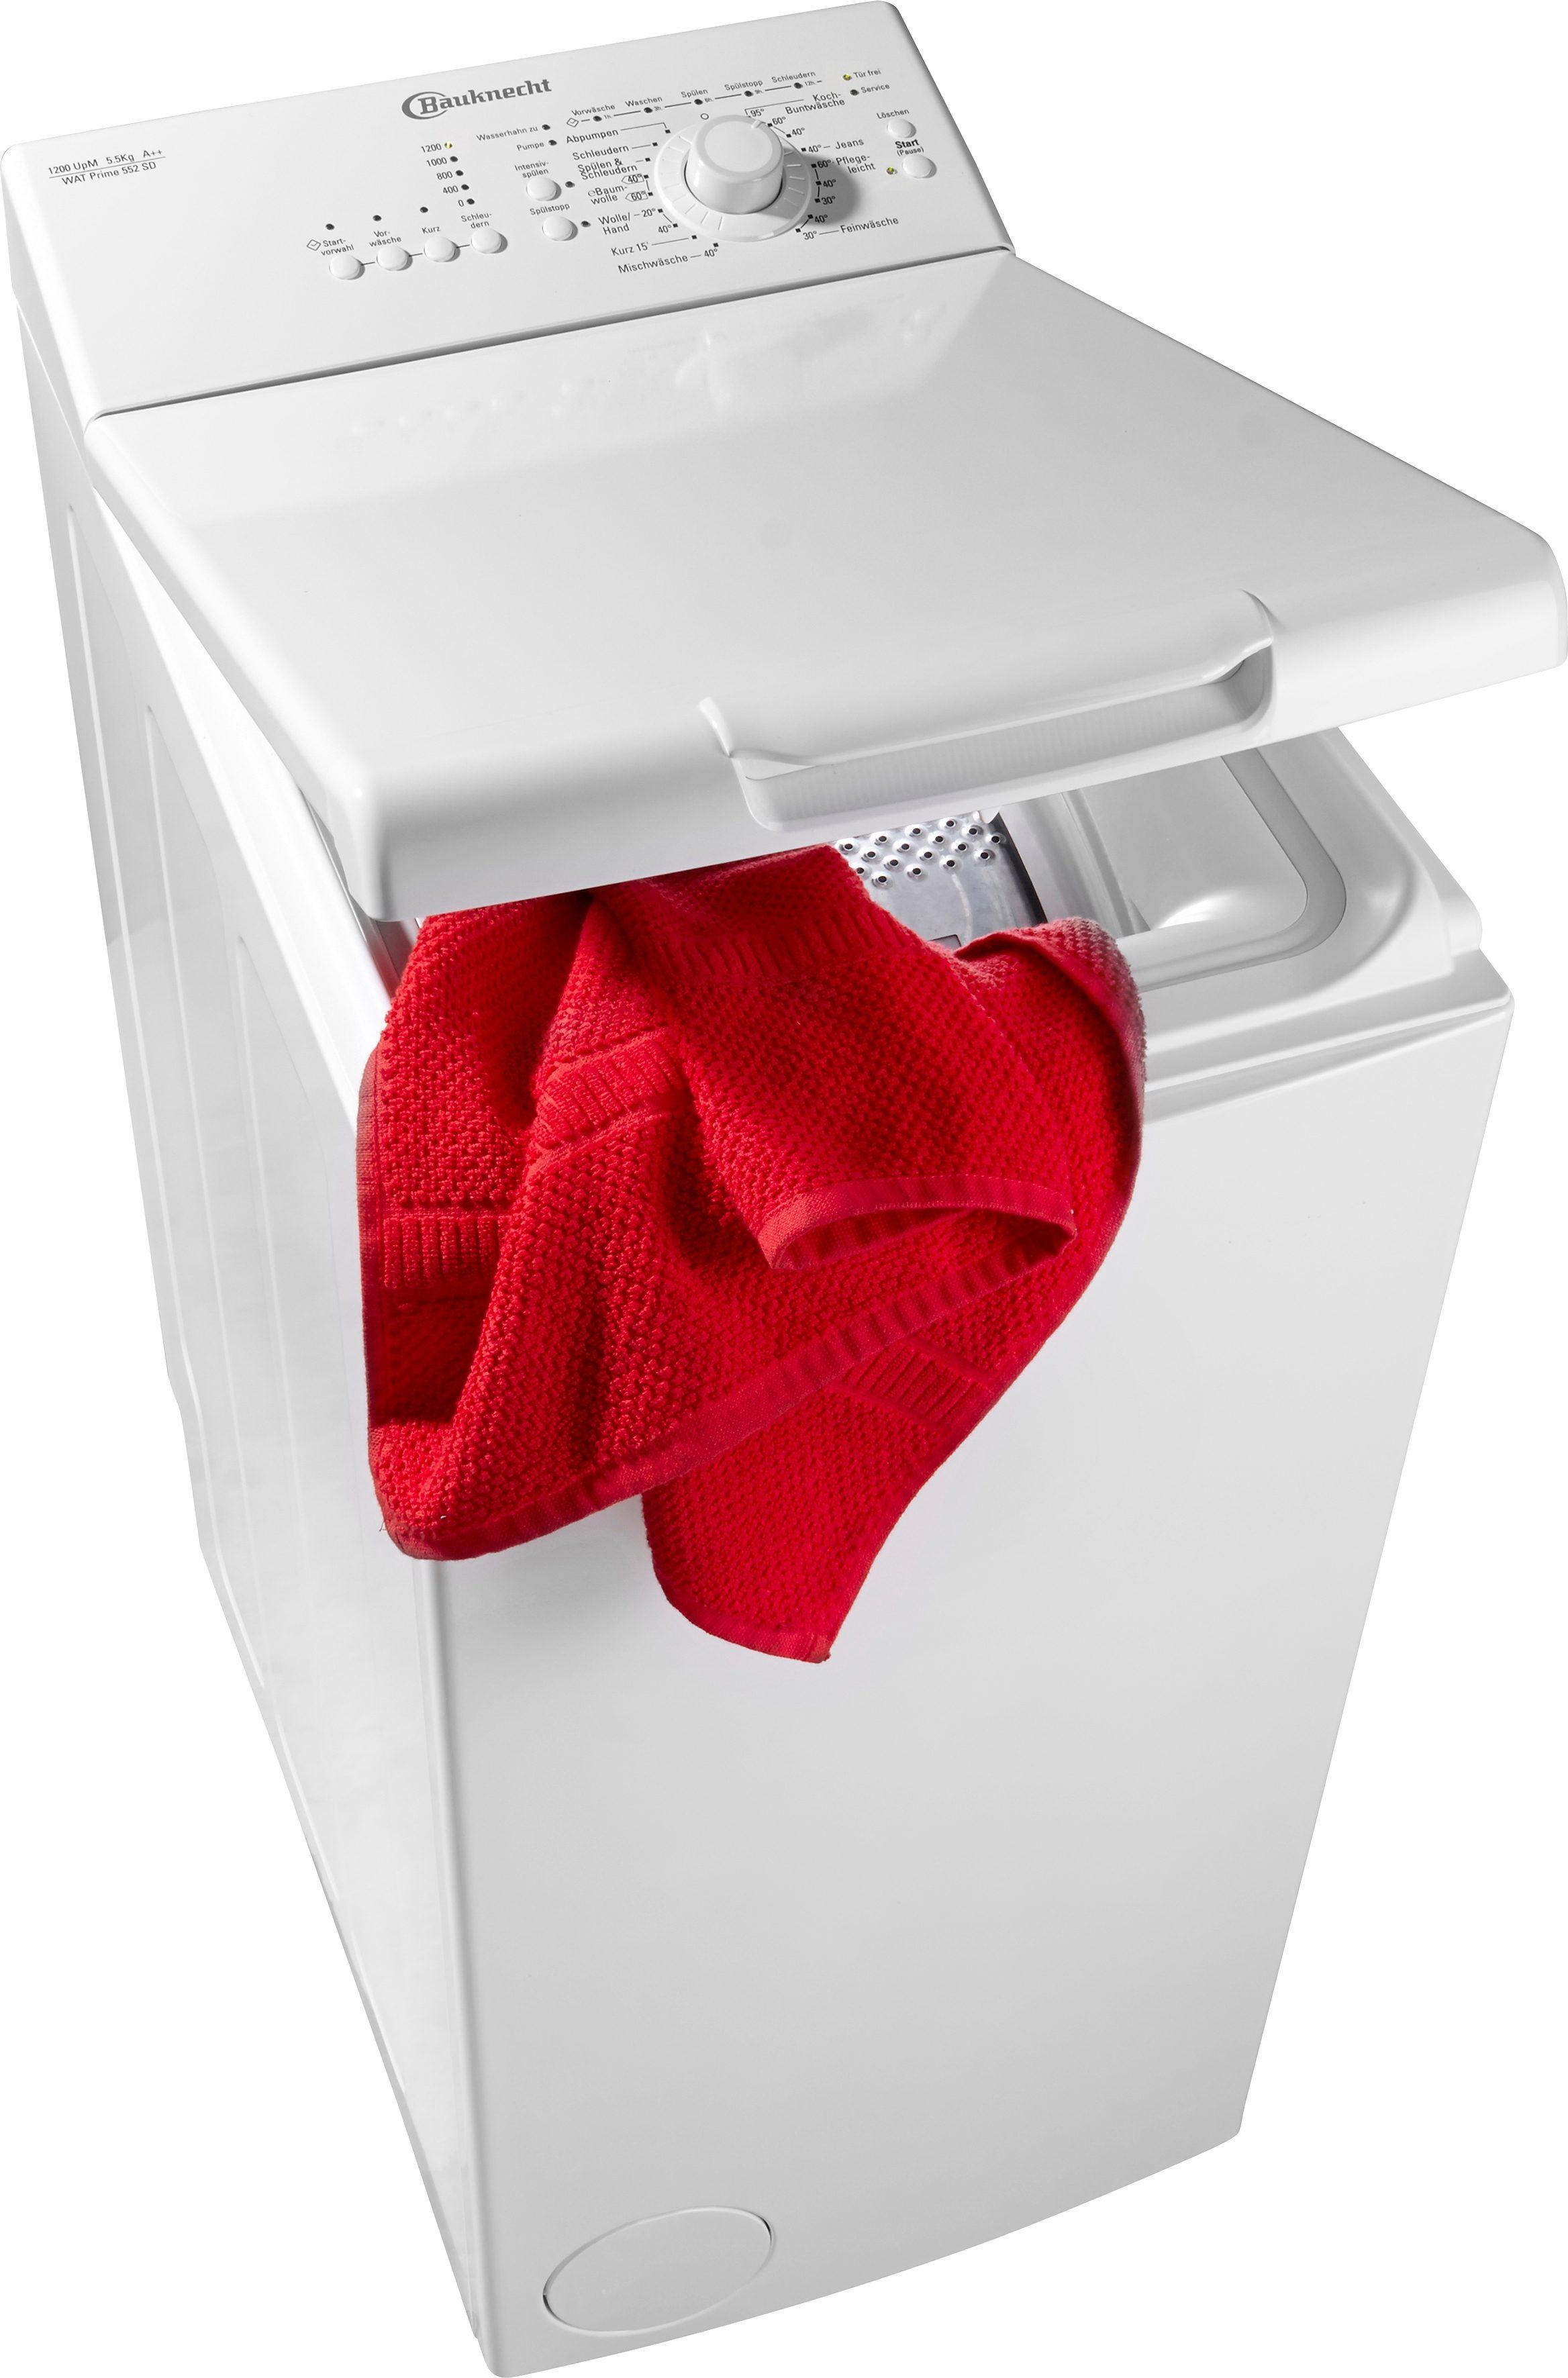 BAUKNECHT Waschmaschine Toplader WAT Prime 552 SD, A++, 5,5 kg, 1200 U/Min